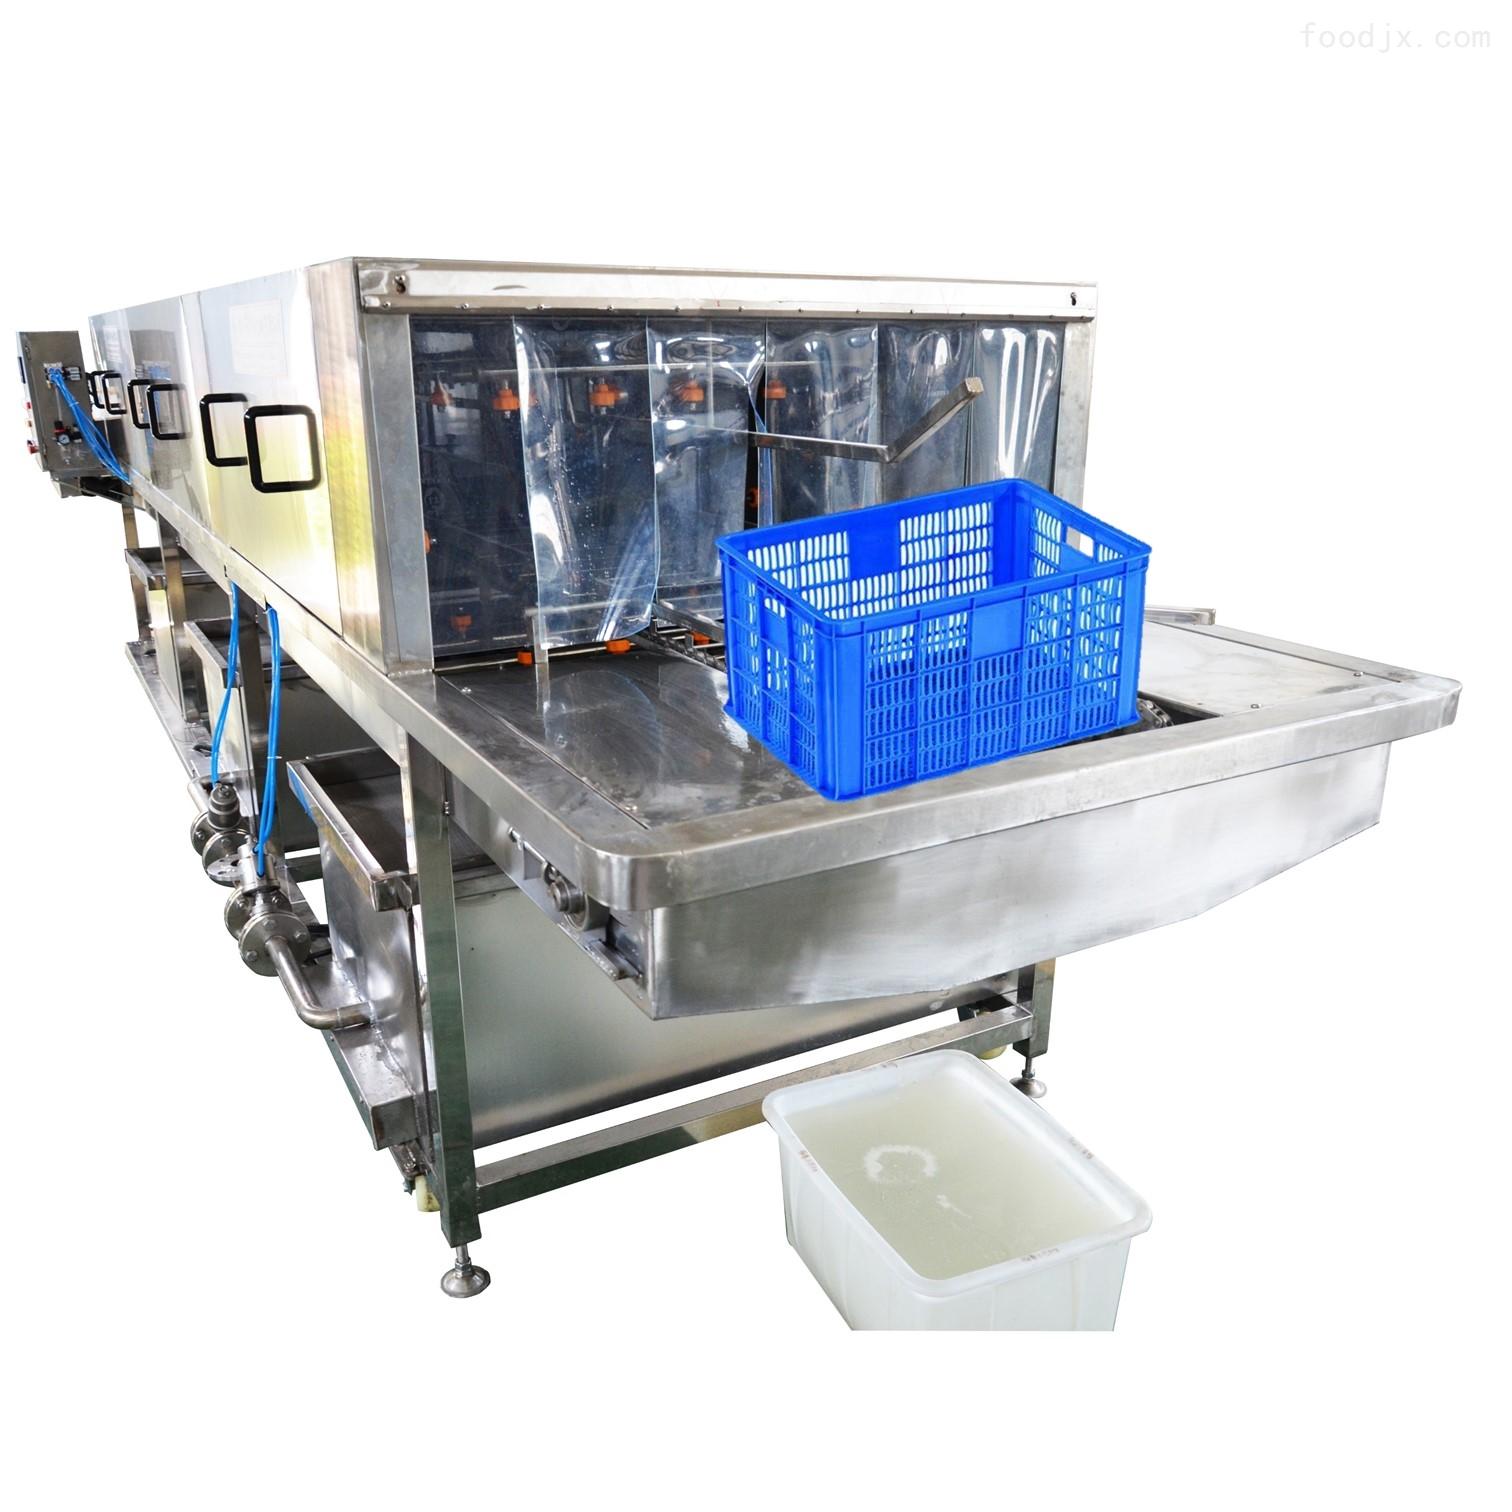 洗筐机厂家直销 塑料筐清洗机 高效去油污